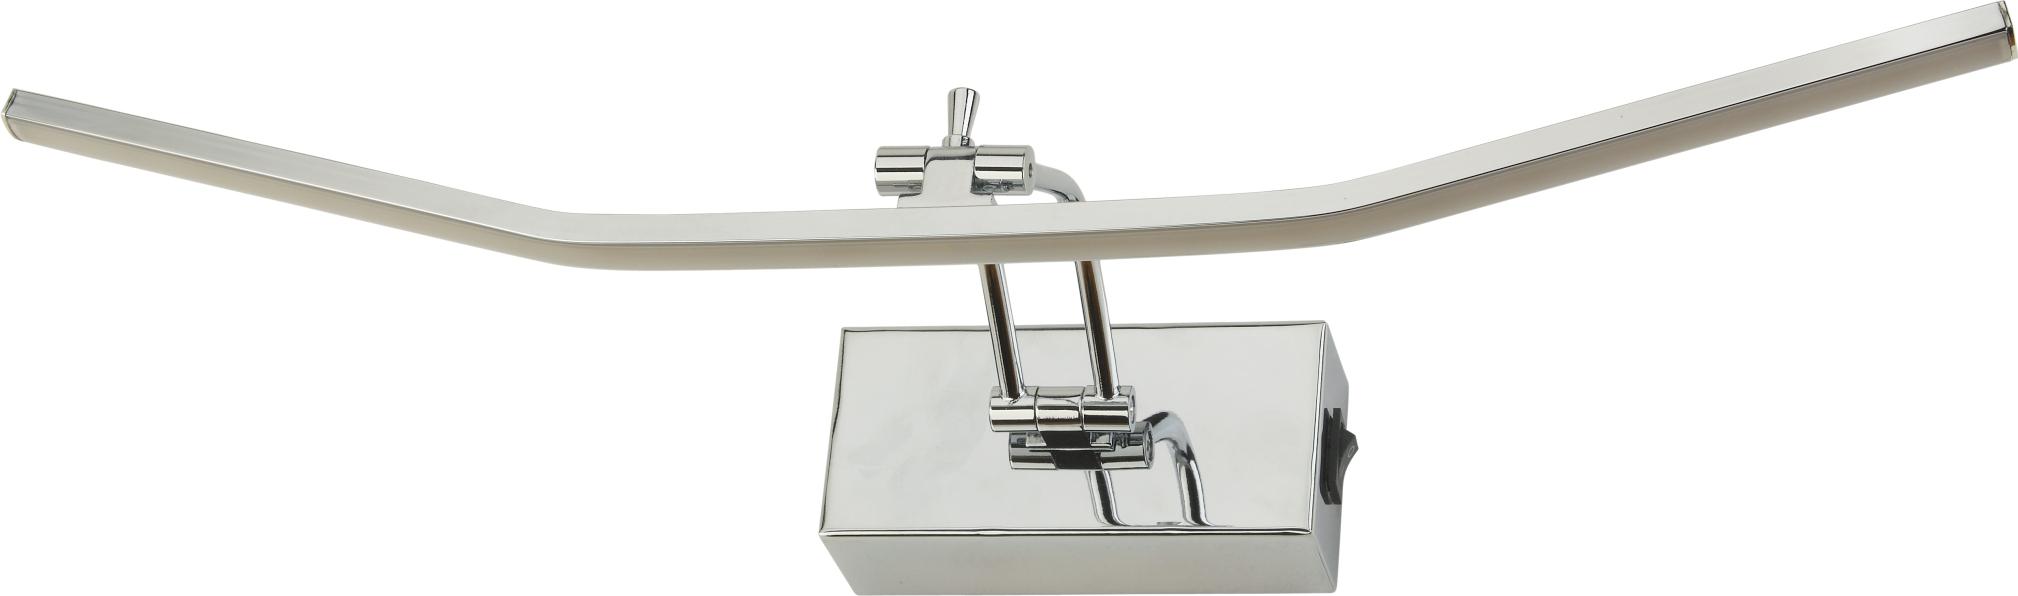 Klausen • Bath, fürdőszobai lámpa, KL-6442